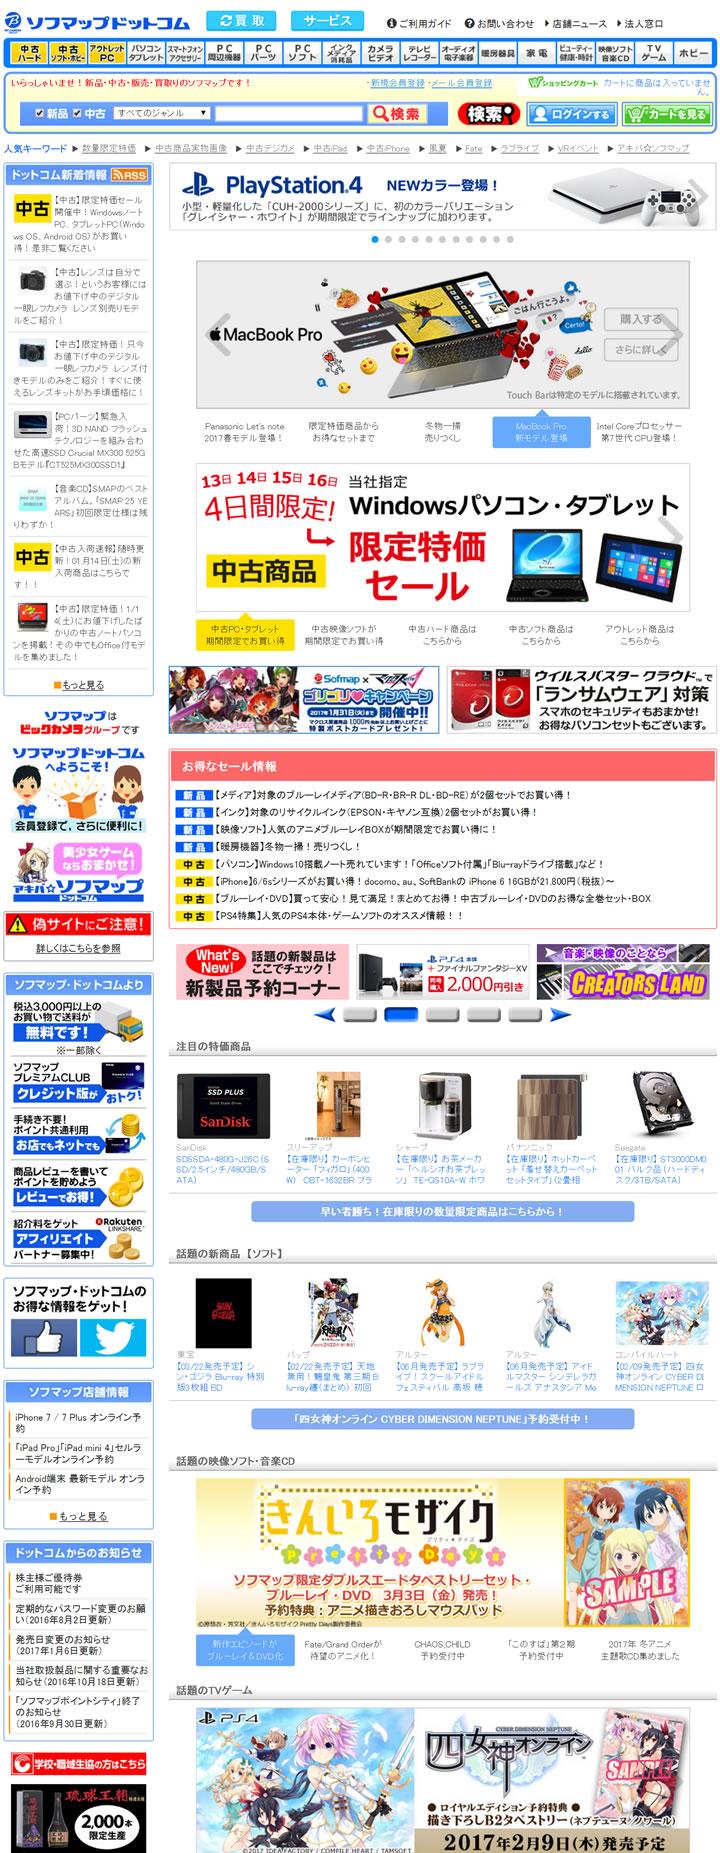 Sofmap官网:日本著名的数码电器专卖店